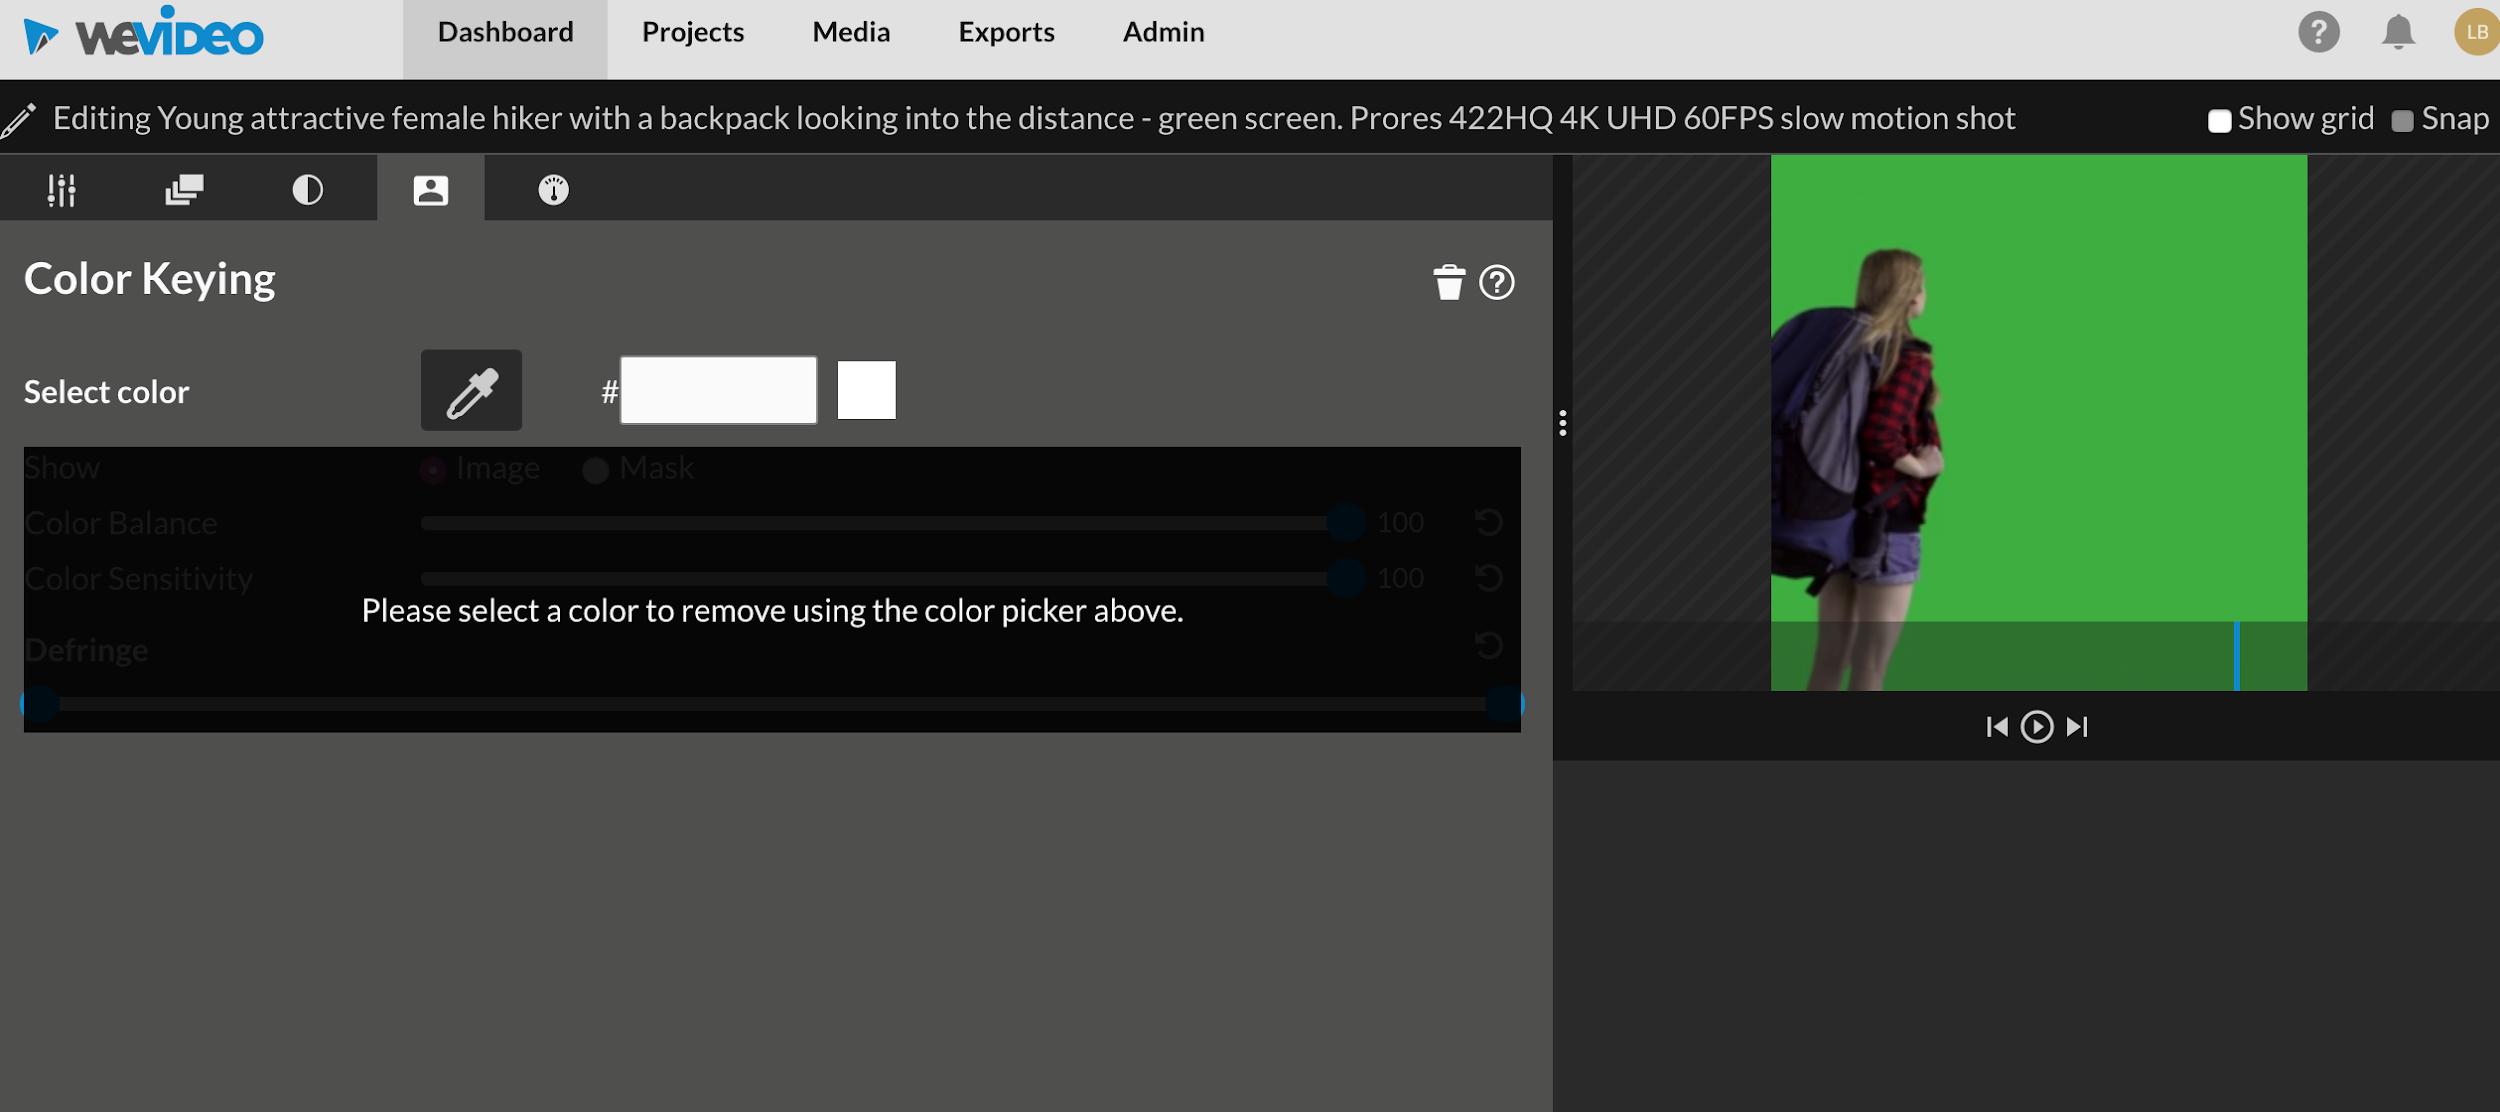 wevideo color keyring